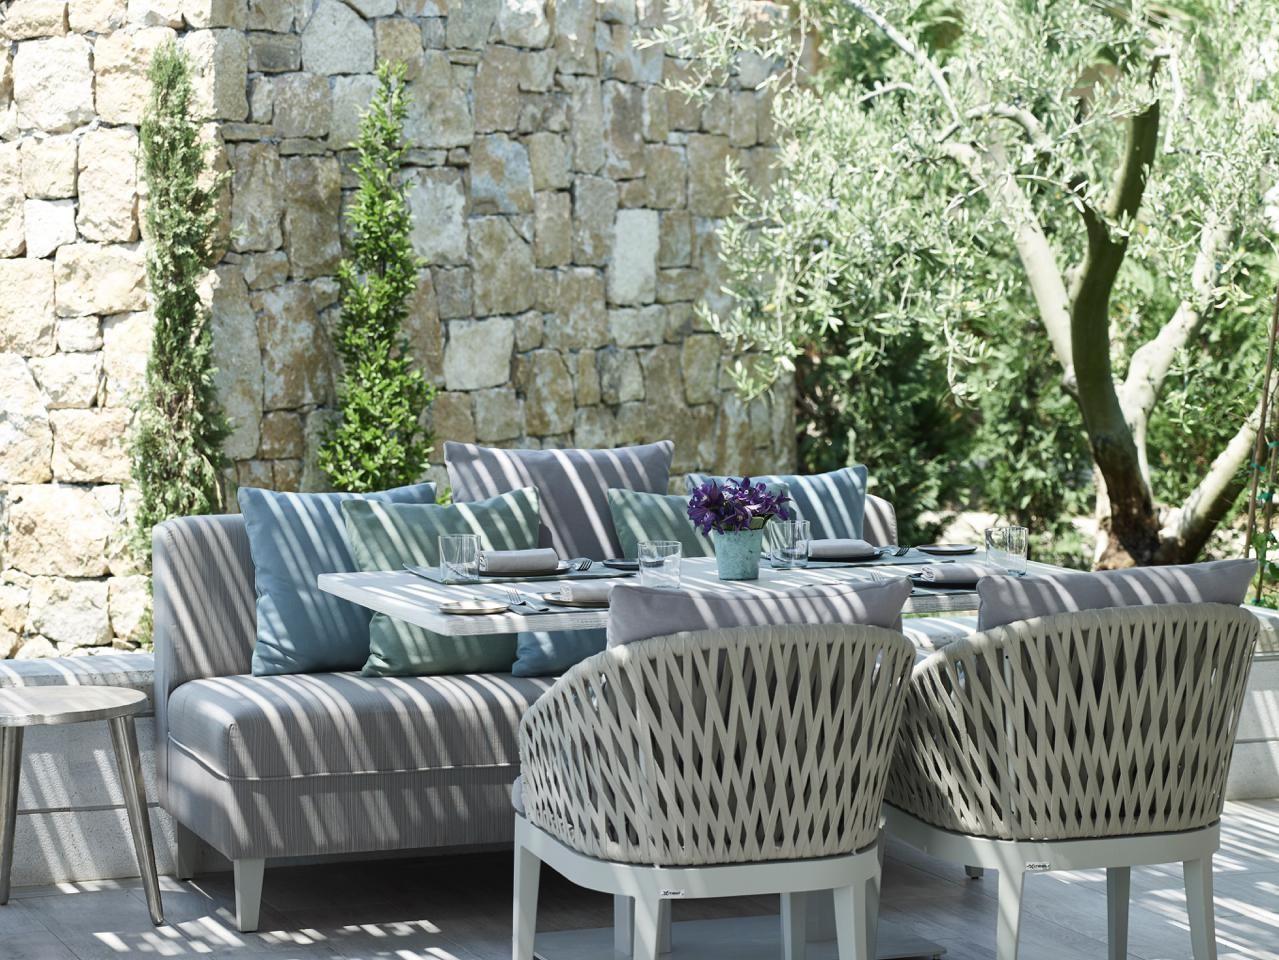 designermobel ideen monica armani, sani resort – ein ruhepol an der küste griechenlands, Möbel ideen